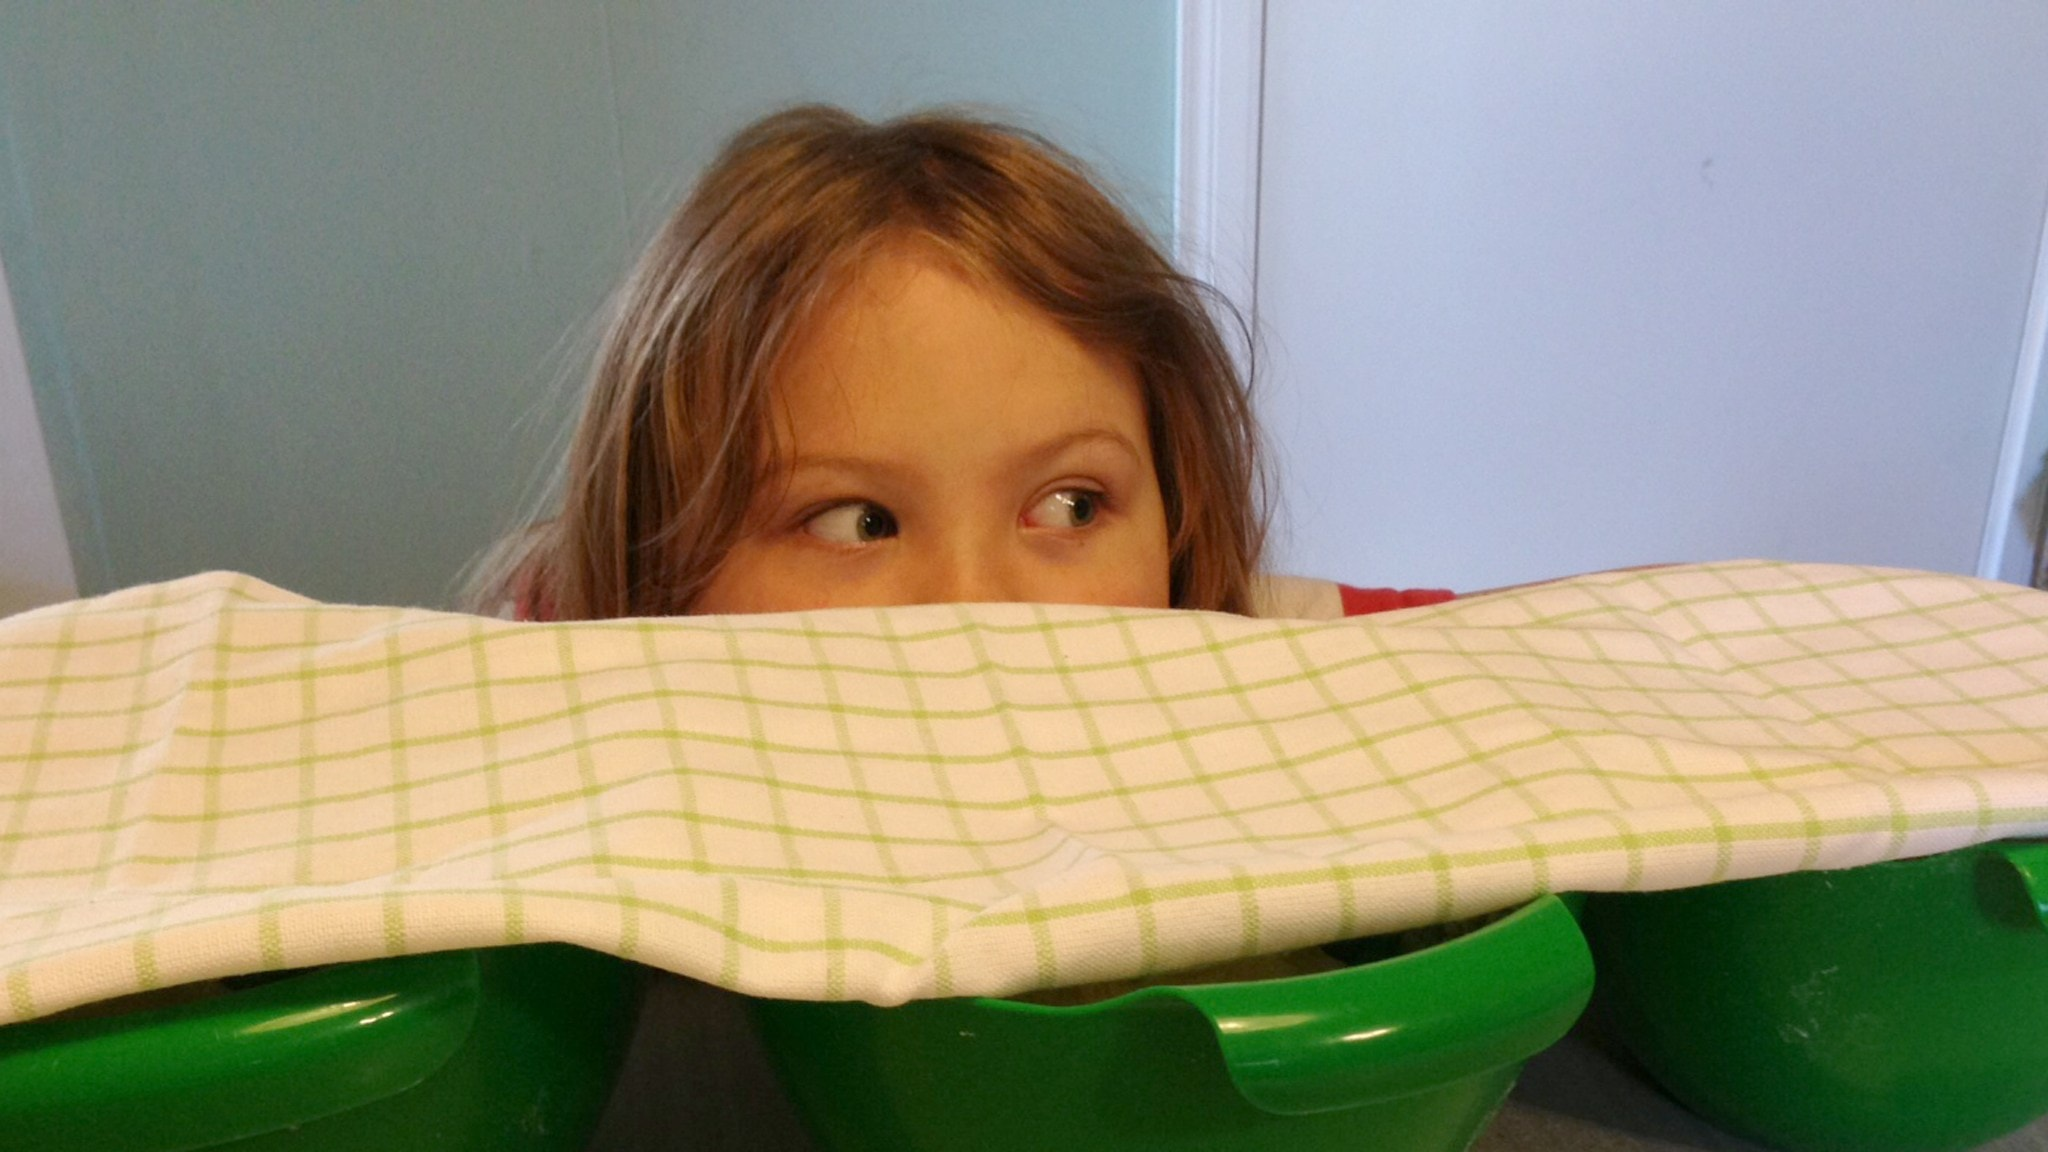 Hör hur det jäser! Maria Sylvén testar söta degar med sin morbror, kocken Mathias Dahlgren. Foto: Erica Dahlgren/Sveriges Radio.